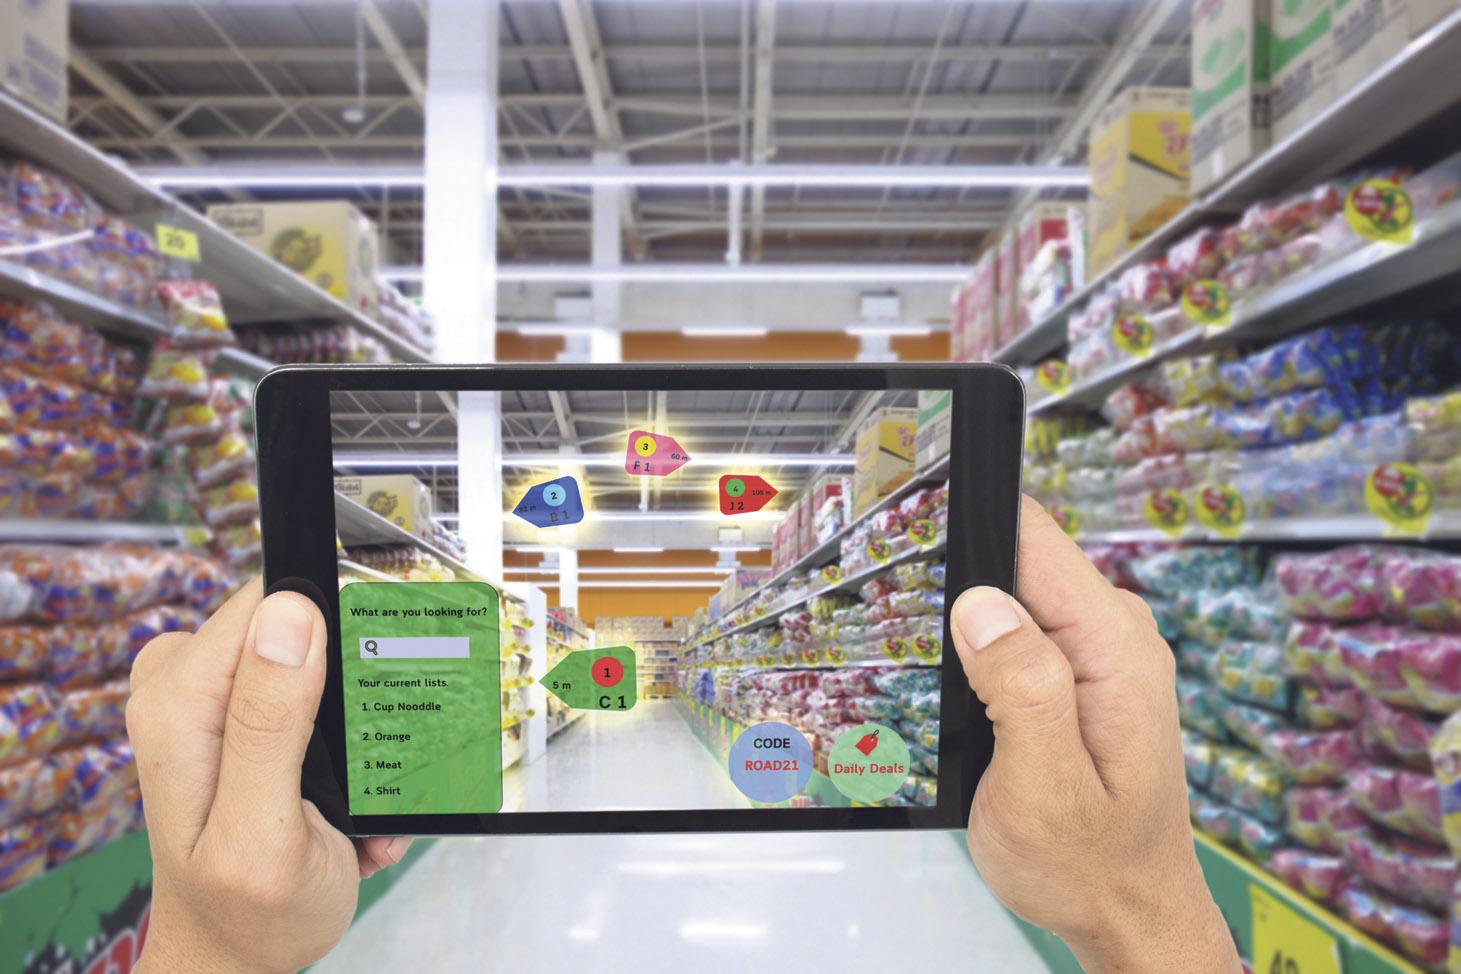 Virtual Reality im Supermarkt: Über die Kamera werden verschiedene Angebote angezeigt.